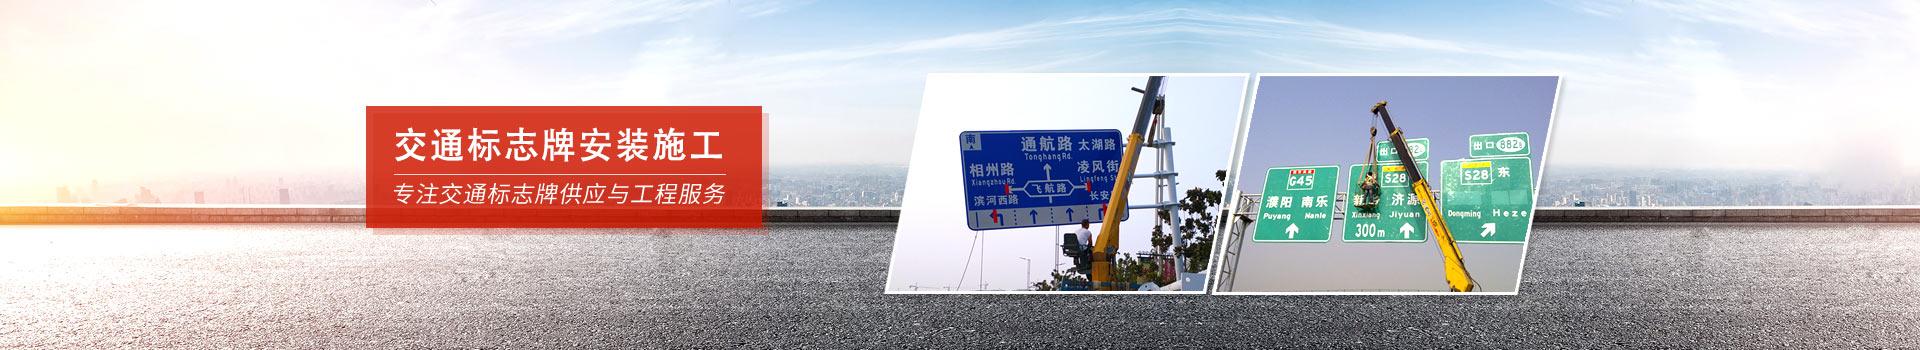 交通标志牌施工服务